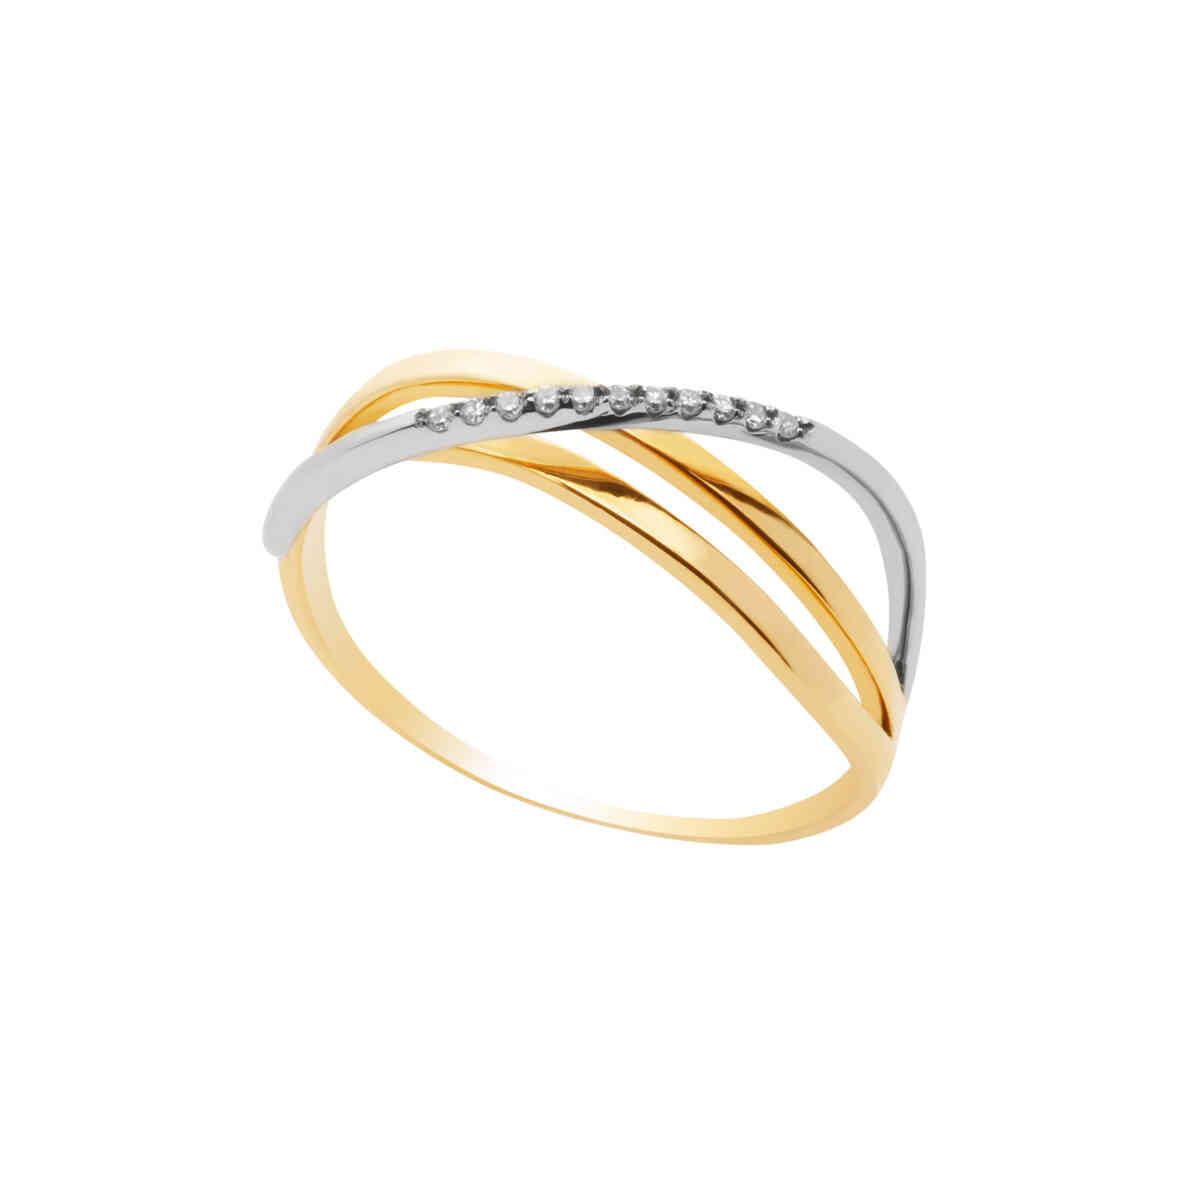 Anel Ouro 18k Transpassado com Detalhe em Ouro Branco com Diamantes